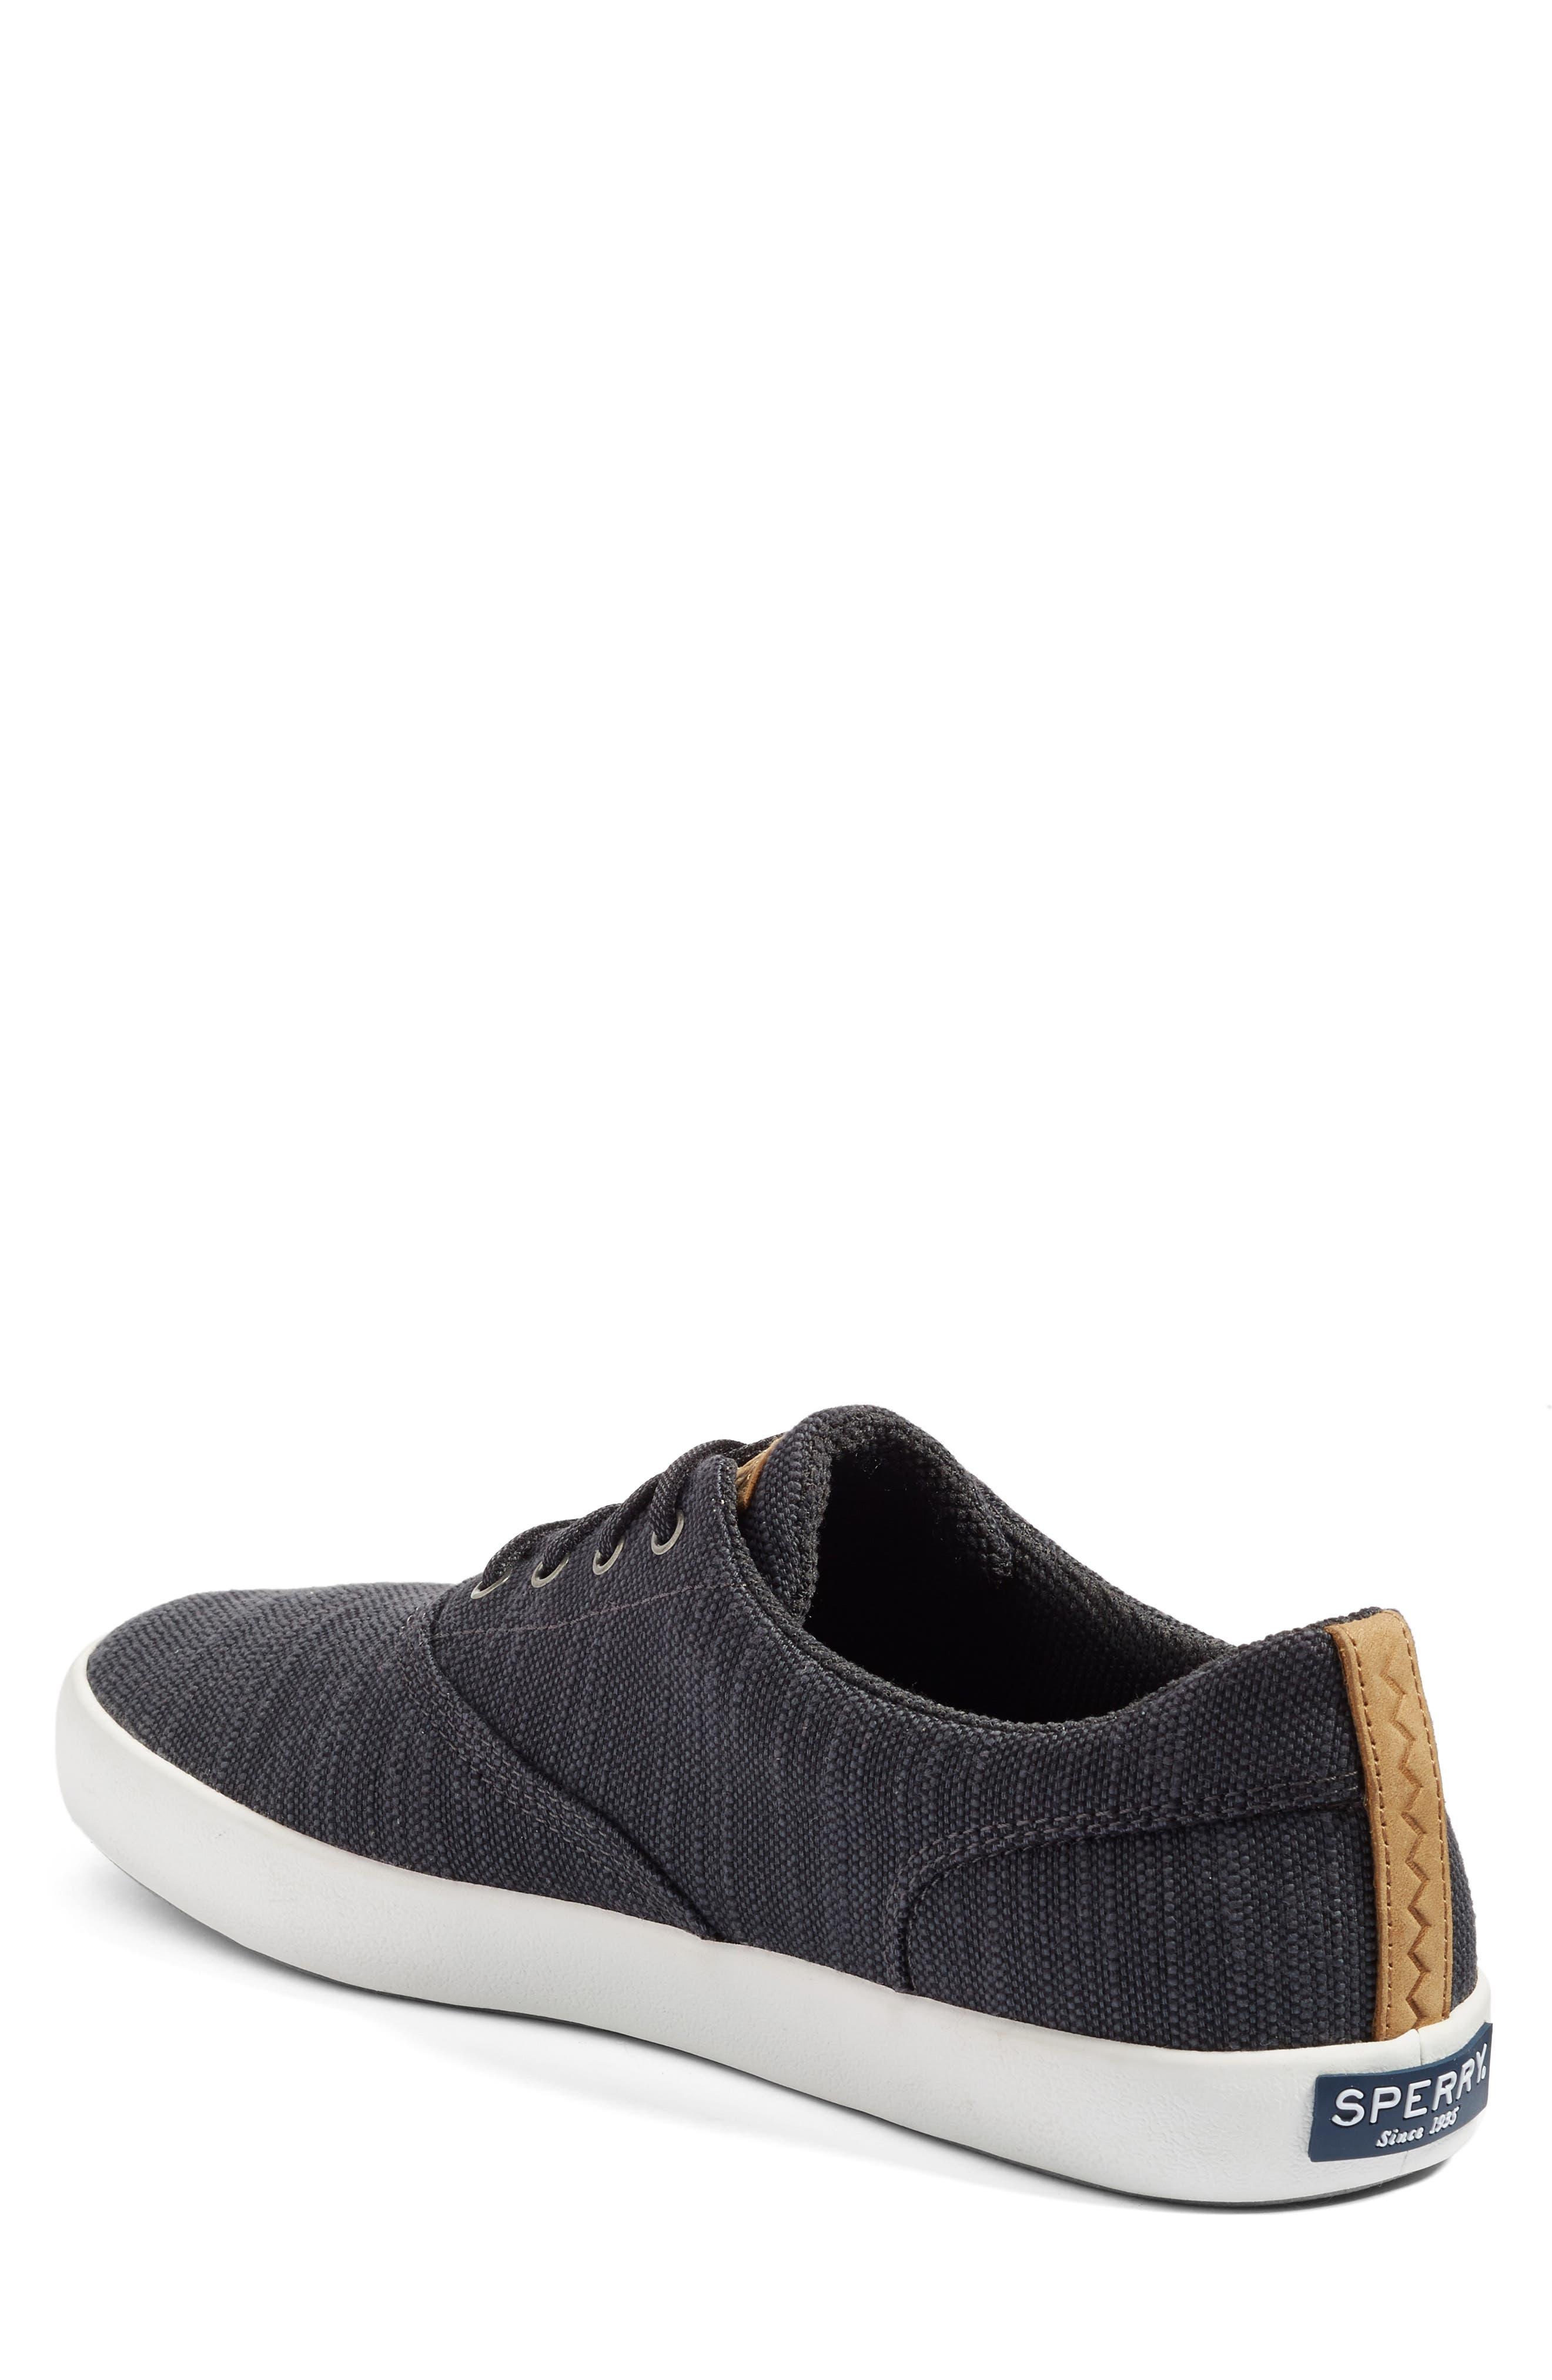 SPERRY,                             Wahoo CVO Baja Sneaker,                             Alternate thumbnail 2, color,                             020